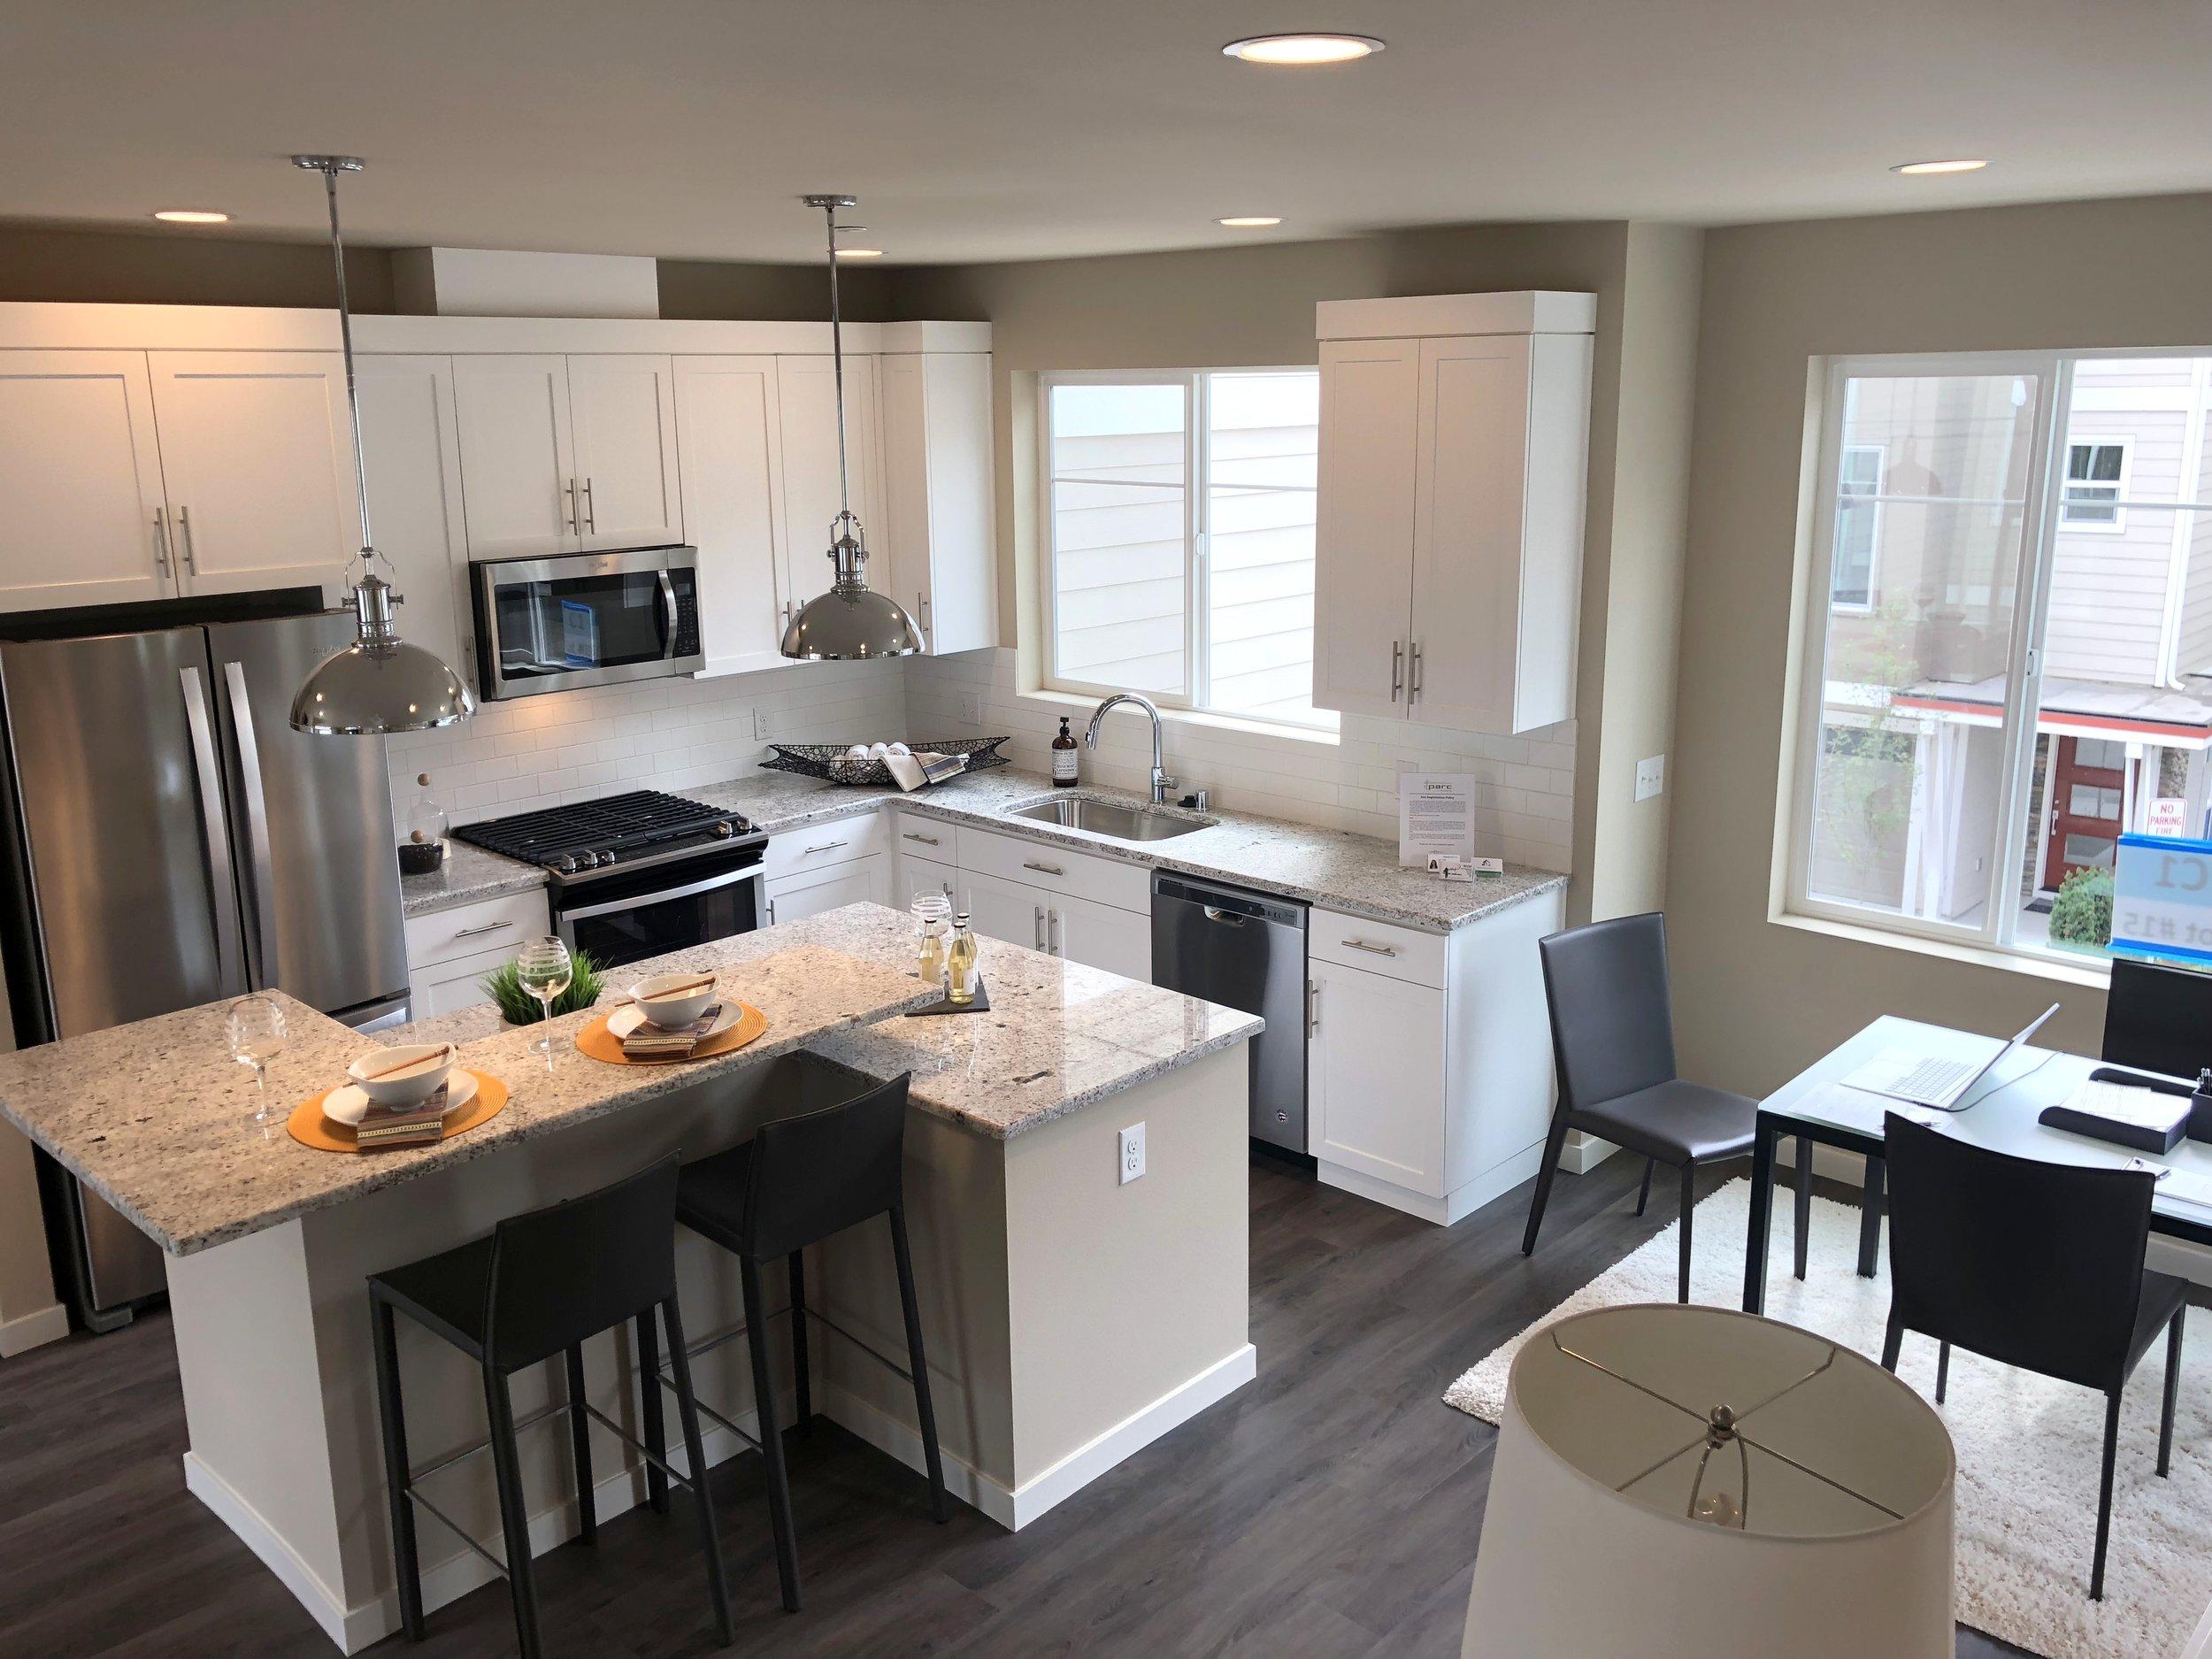 15-C1-CU - Kitchen View.JPG